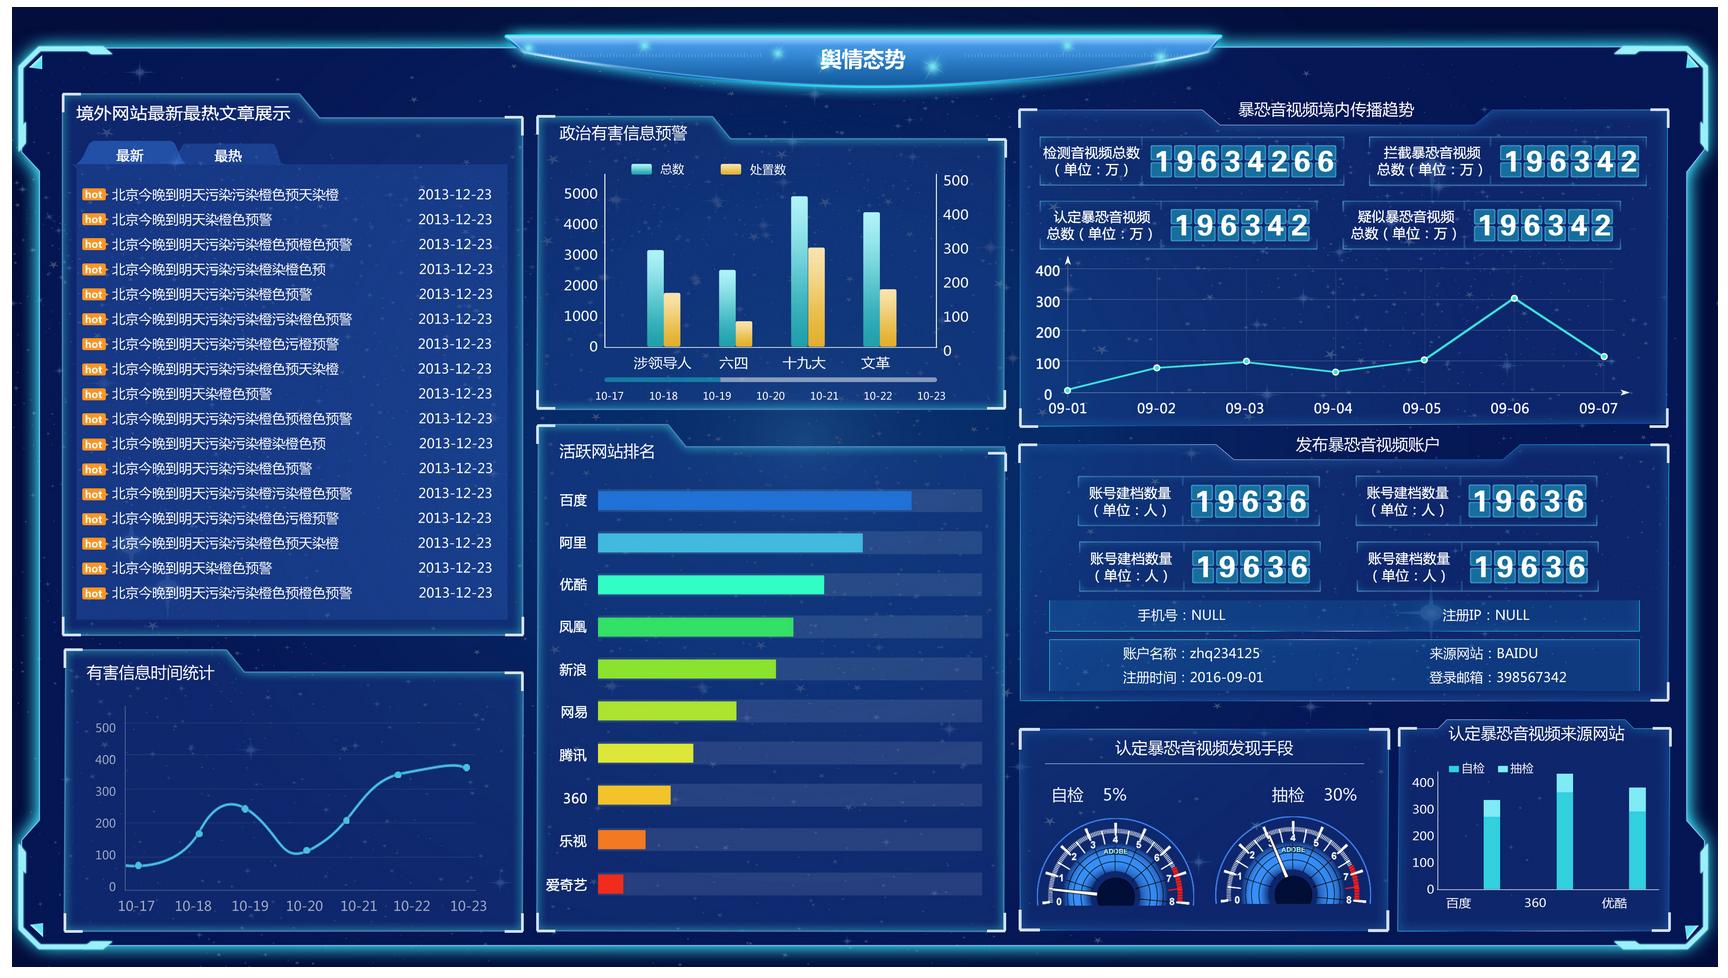 不管在零售、物流、电力、水利、环保、还是交通领域,都开始流行用交互的实时数据可视化视屏墙来帮助人们发现、诊断问题, 你或许见过这样的可视化大屏,比如: 1.通过数据大屏客户可以直观及时地把握云计算资源的利用,数据调度,让管理有的放矢。 2.通过路况历史数据、实时数据以及具体路网状况的结合,可以展现未来1小时、两小时等高峰区域的拥堵变化,方便交管部门及时做出决策,疏导公众出行。 3.